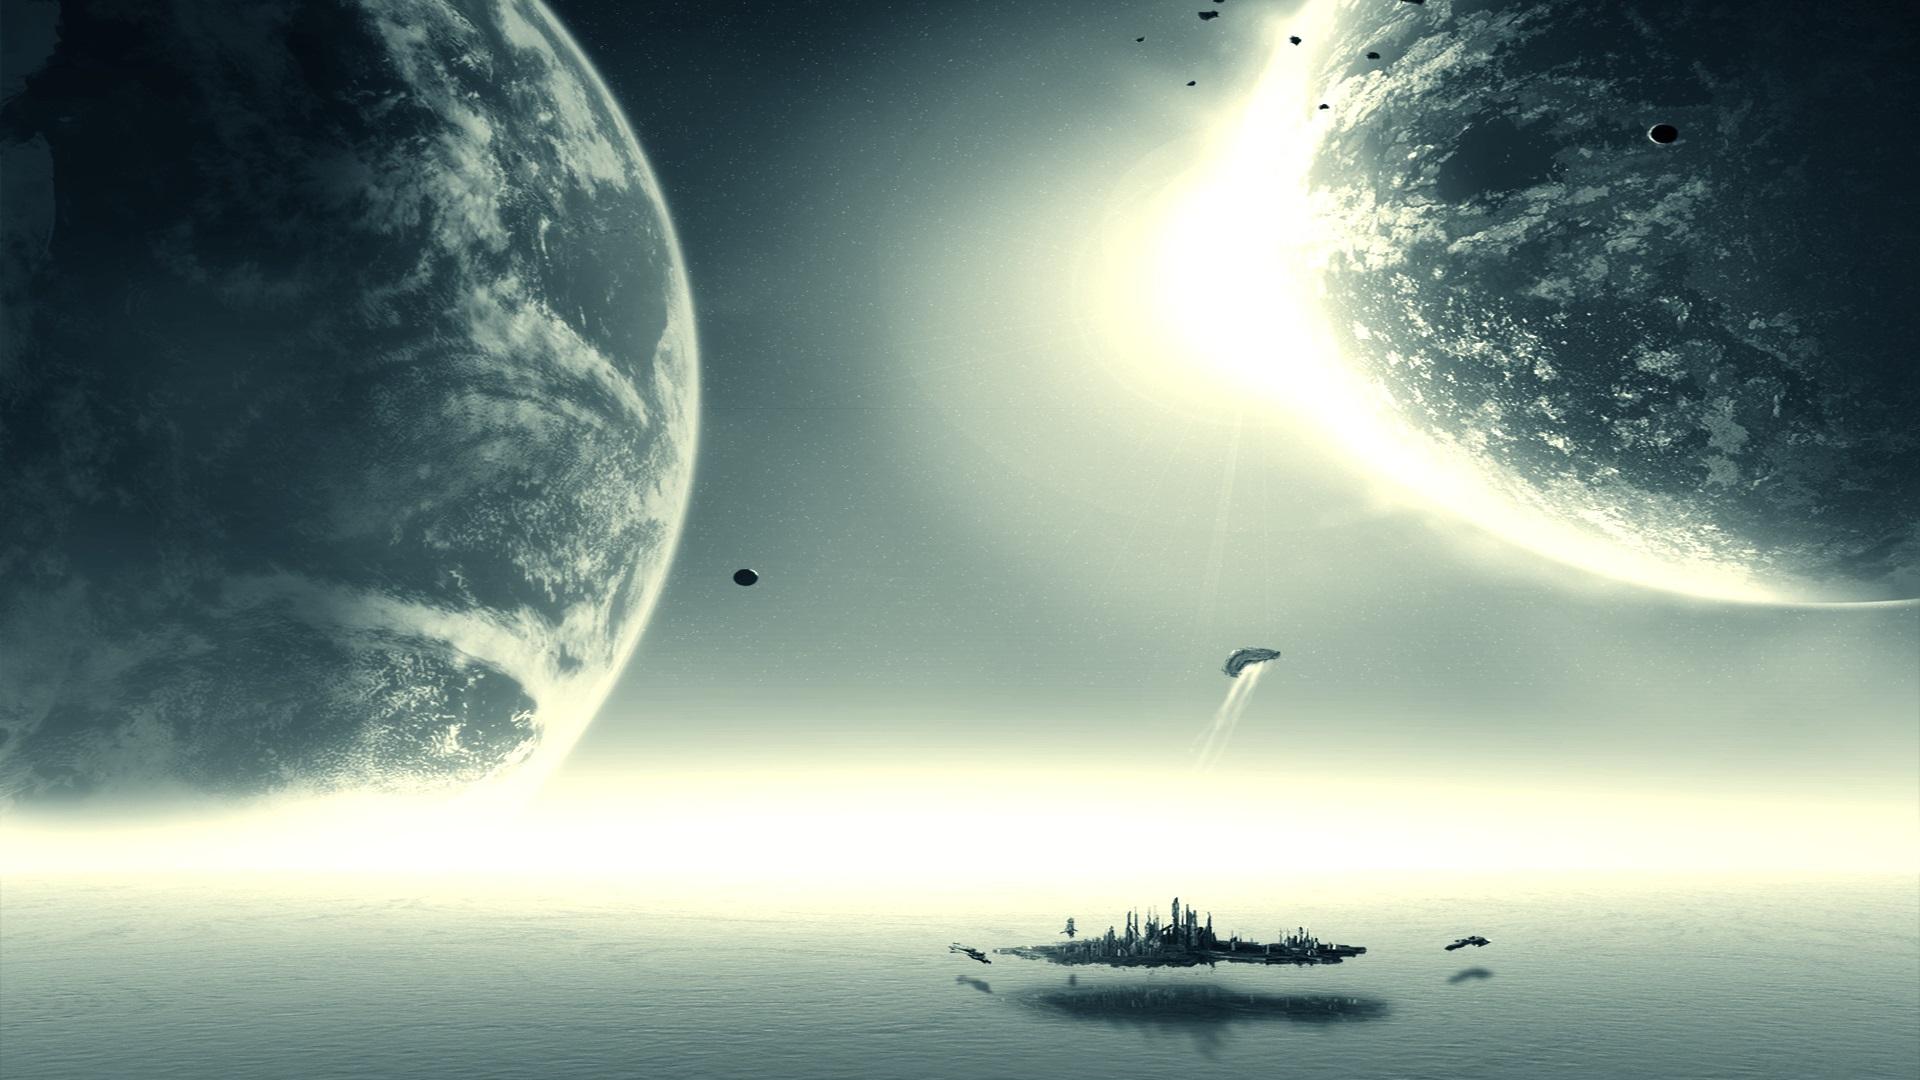 Stargate Atlantis wallpaper 4